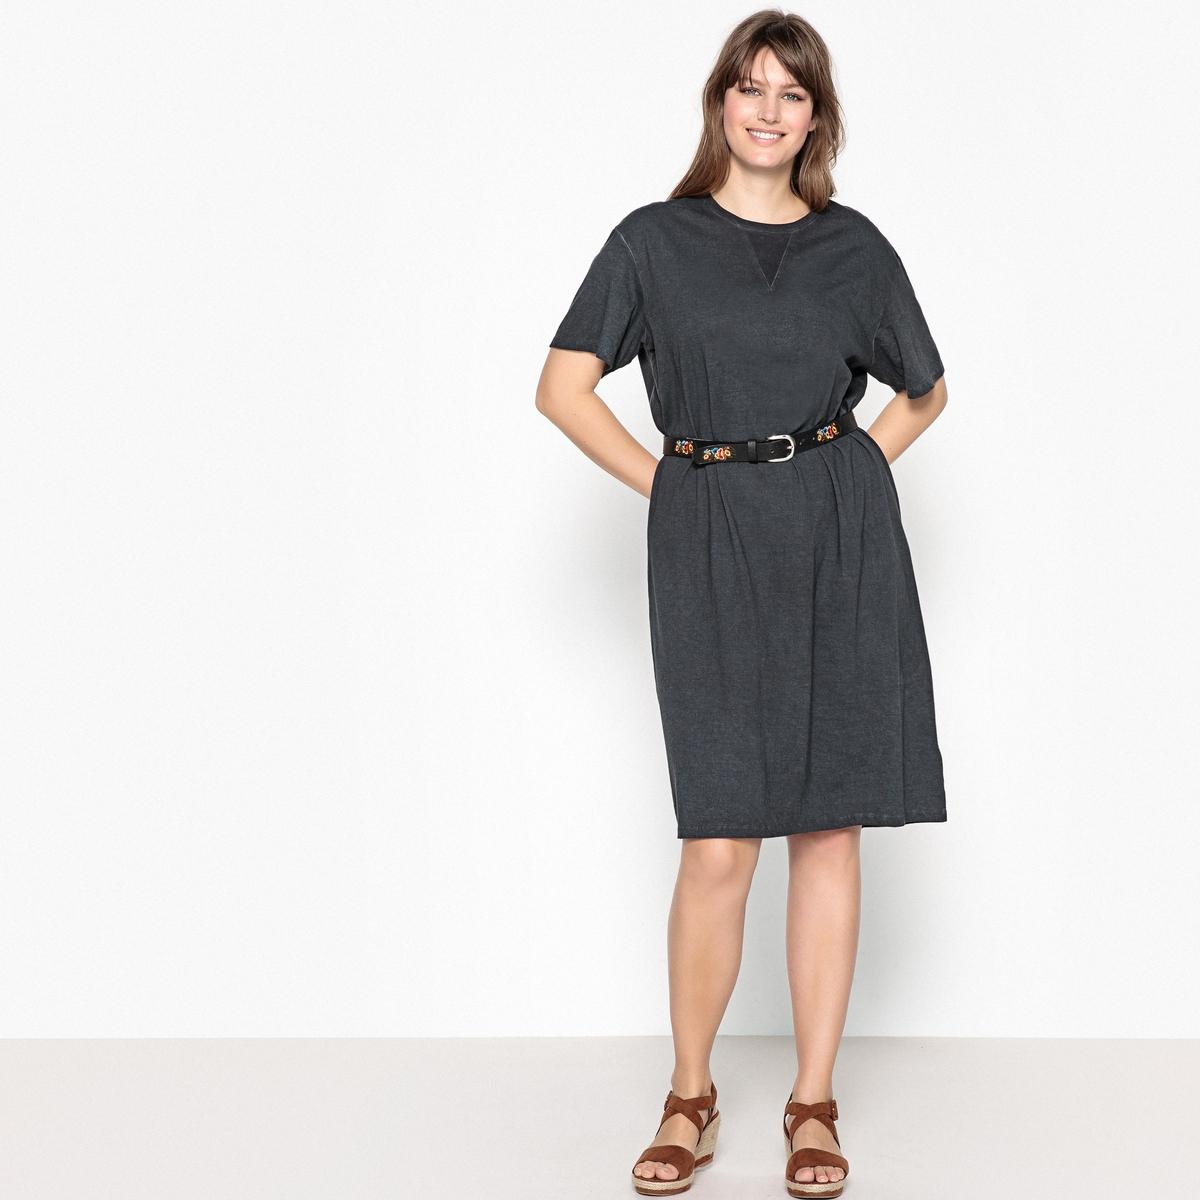 Платье прямое, однотонное, средней длины с короткими рукавами